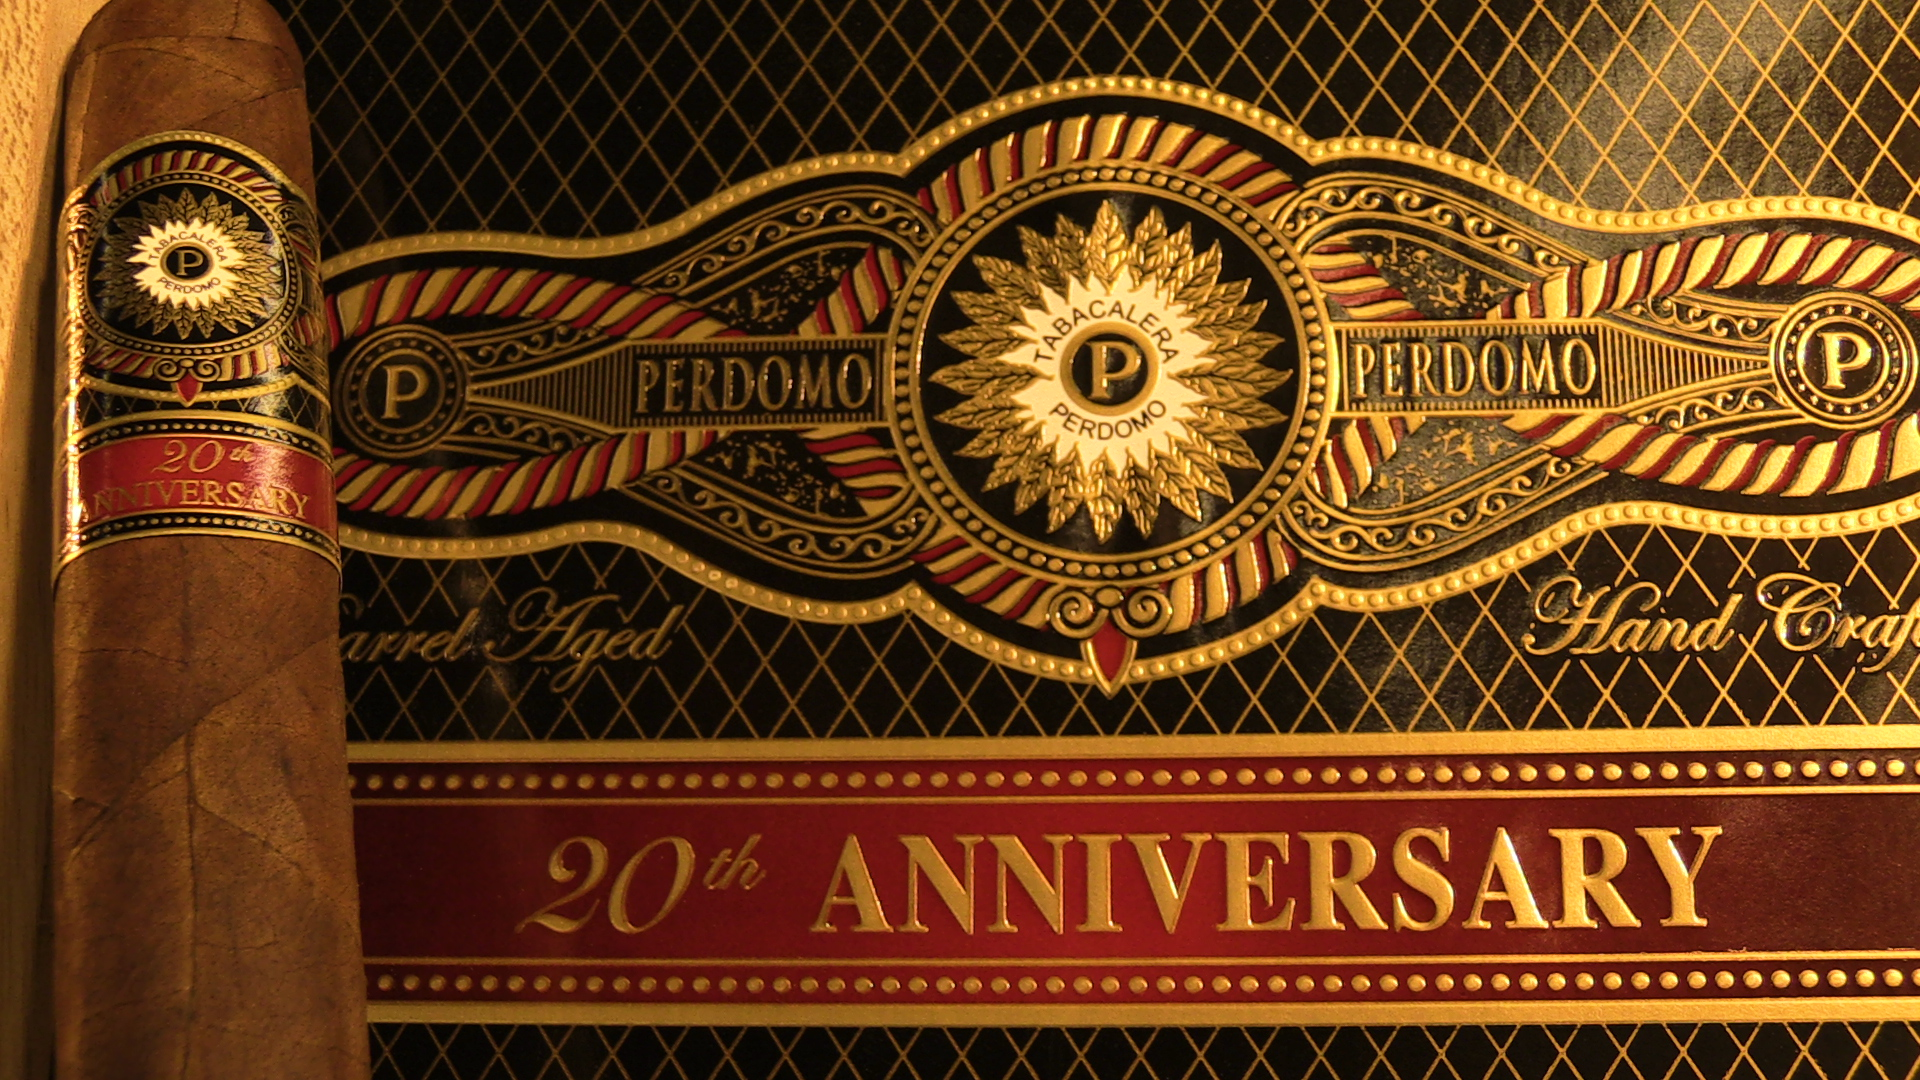 Perdomo 20th Anniversary